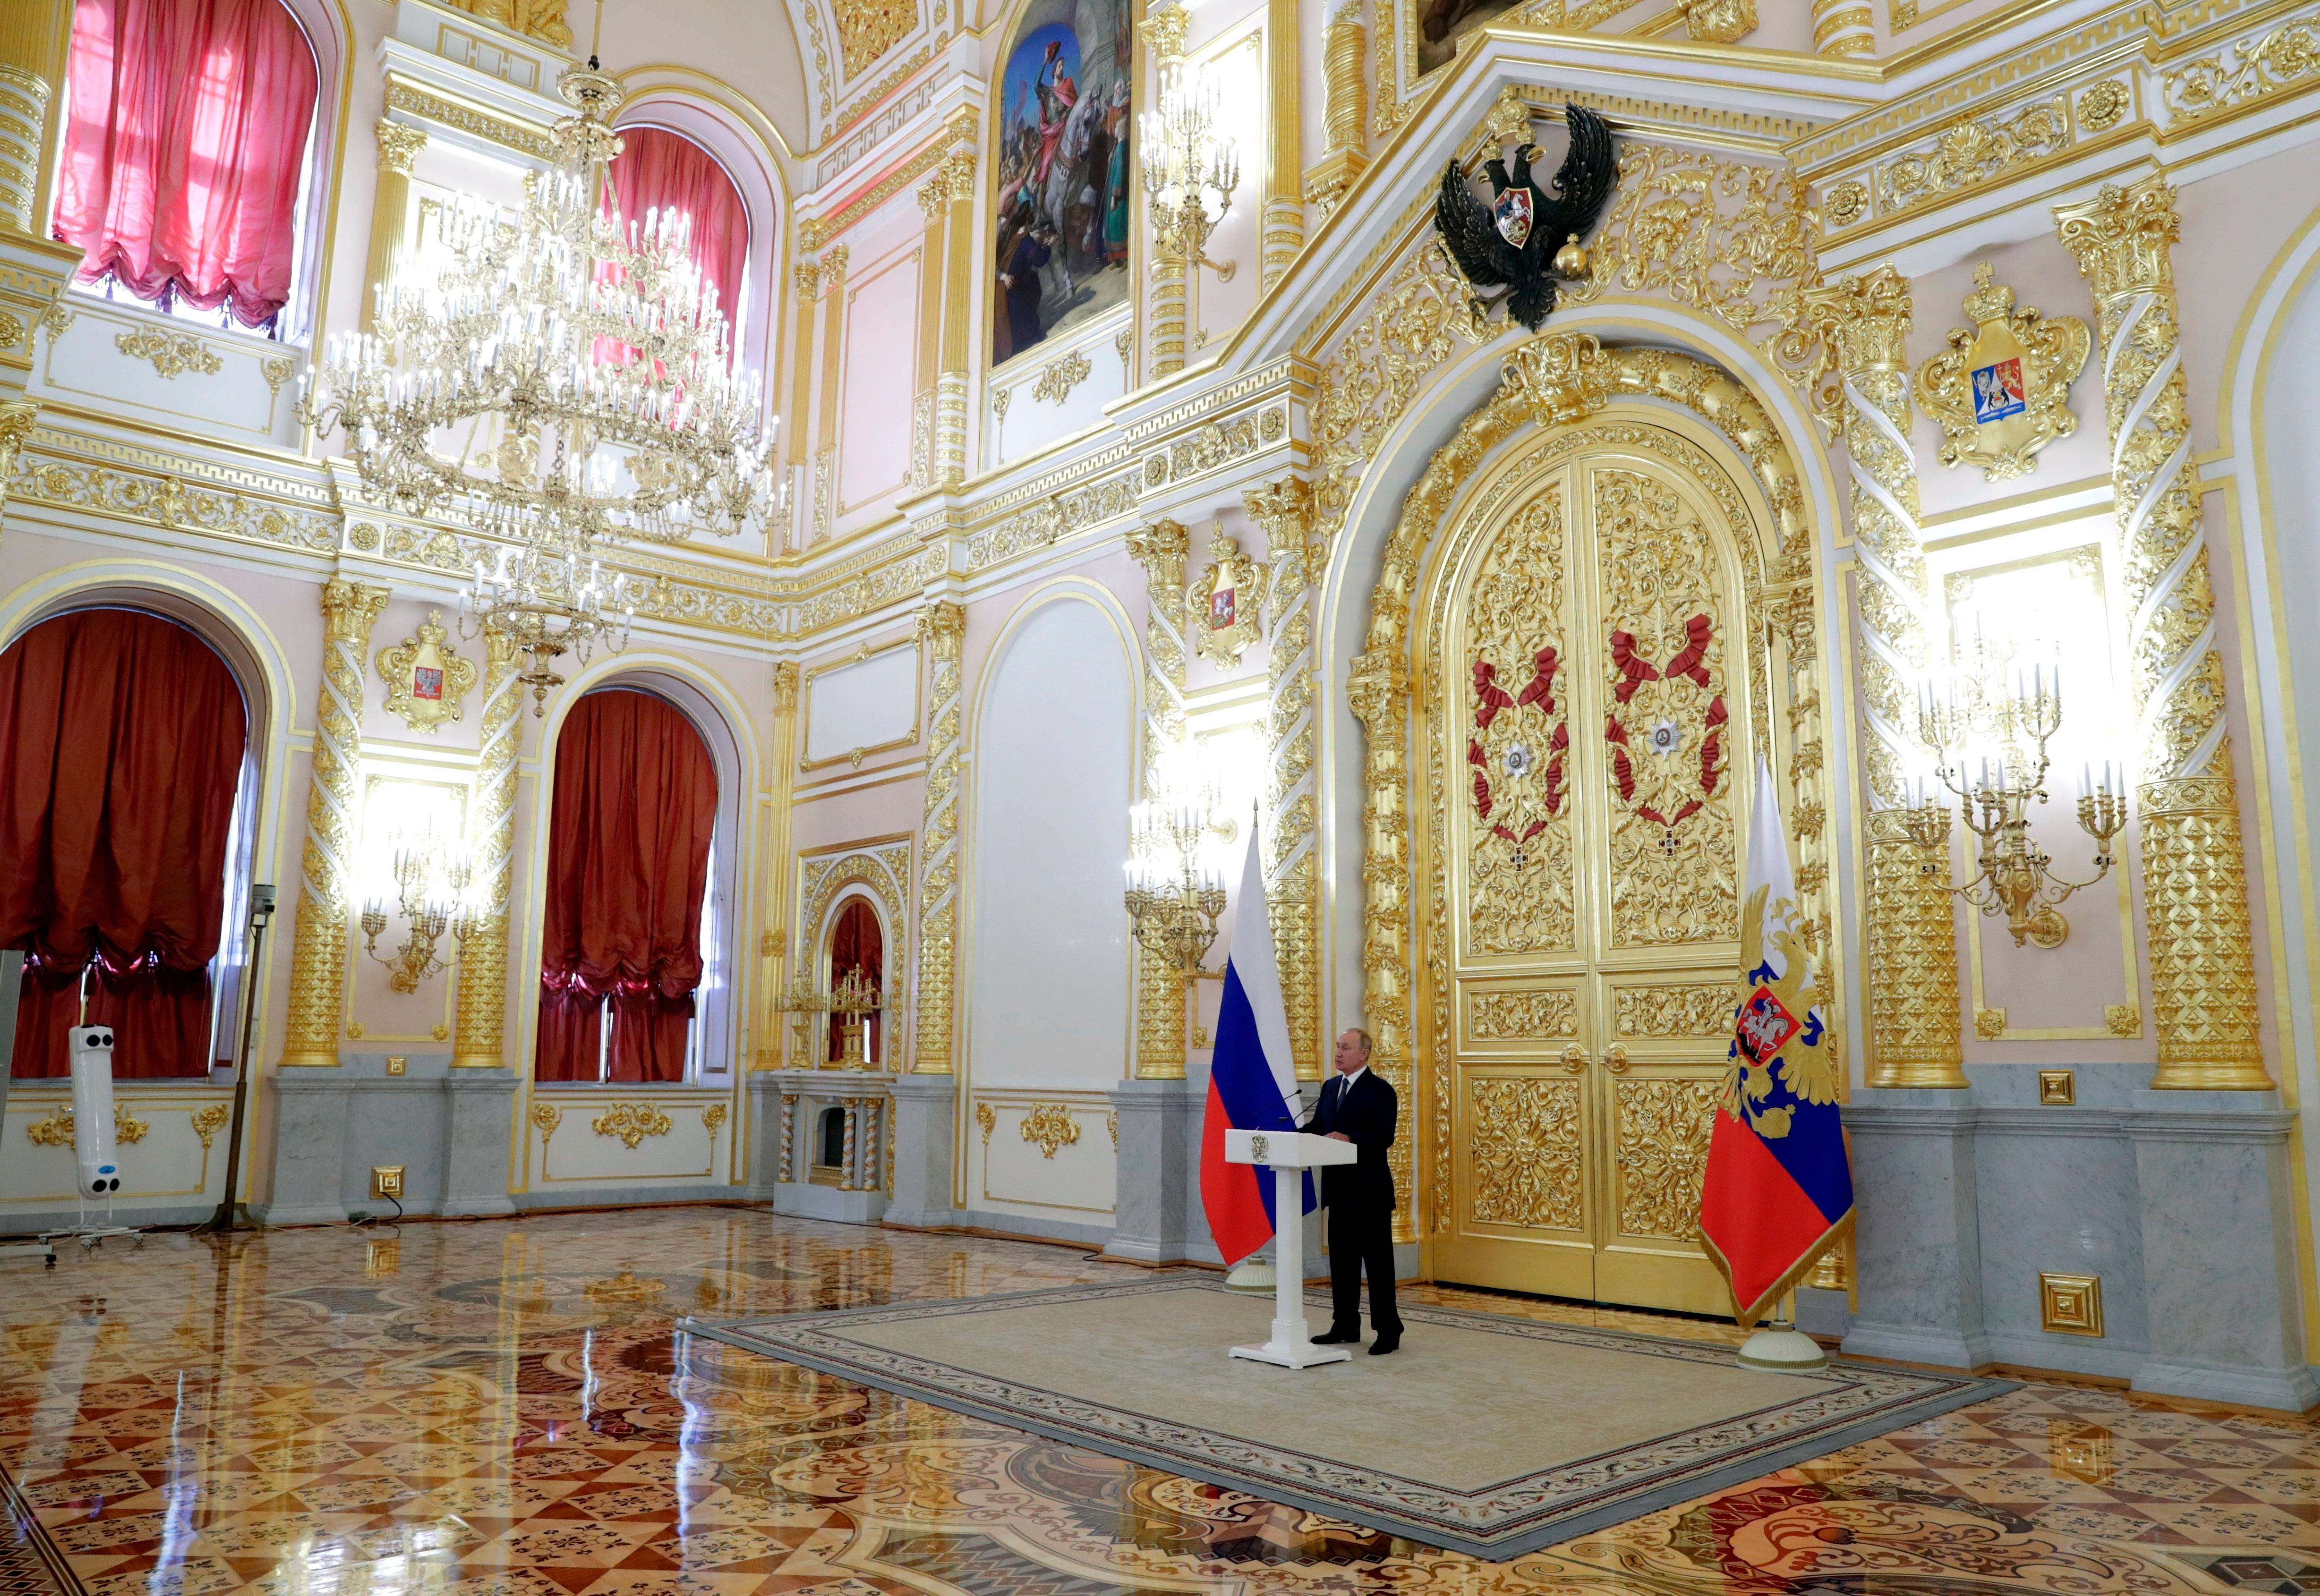 Russian President Vladimir Putin speaks at the Kremlin in Moscow on September 23.